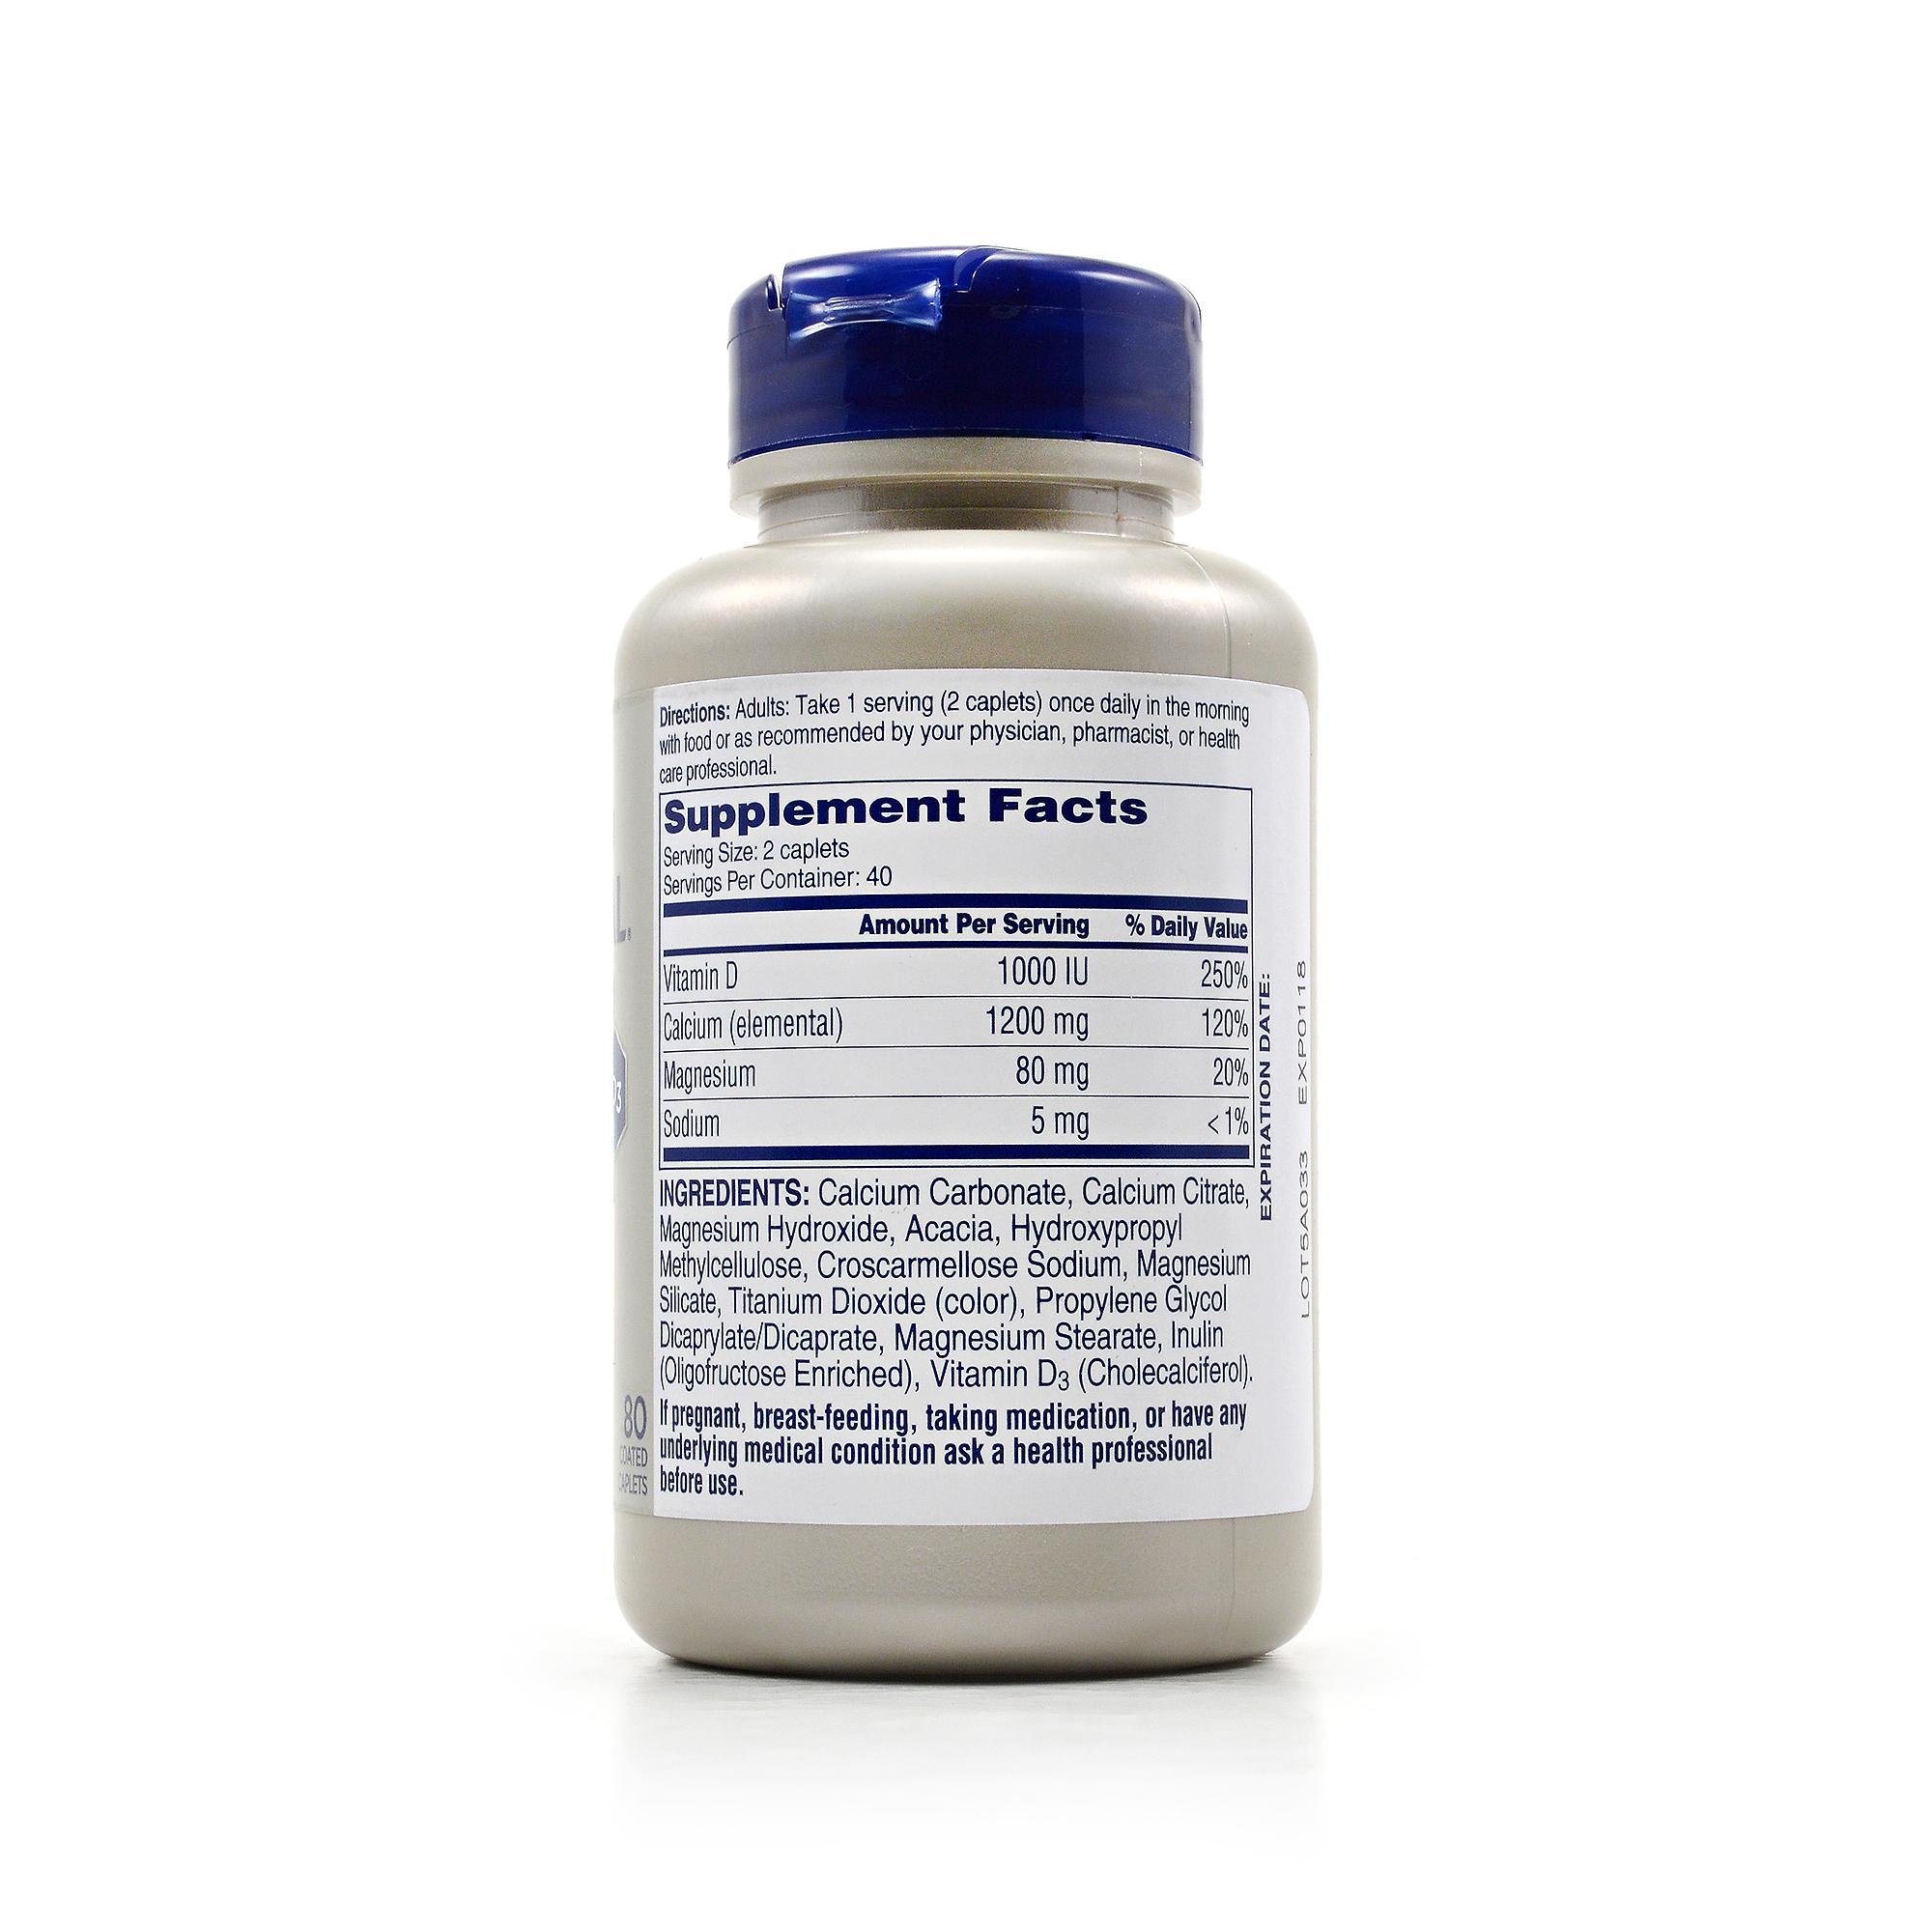 Citracal Calcium + D3, Slow Release Review - LabDoor